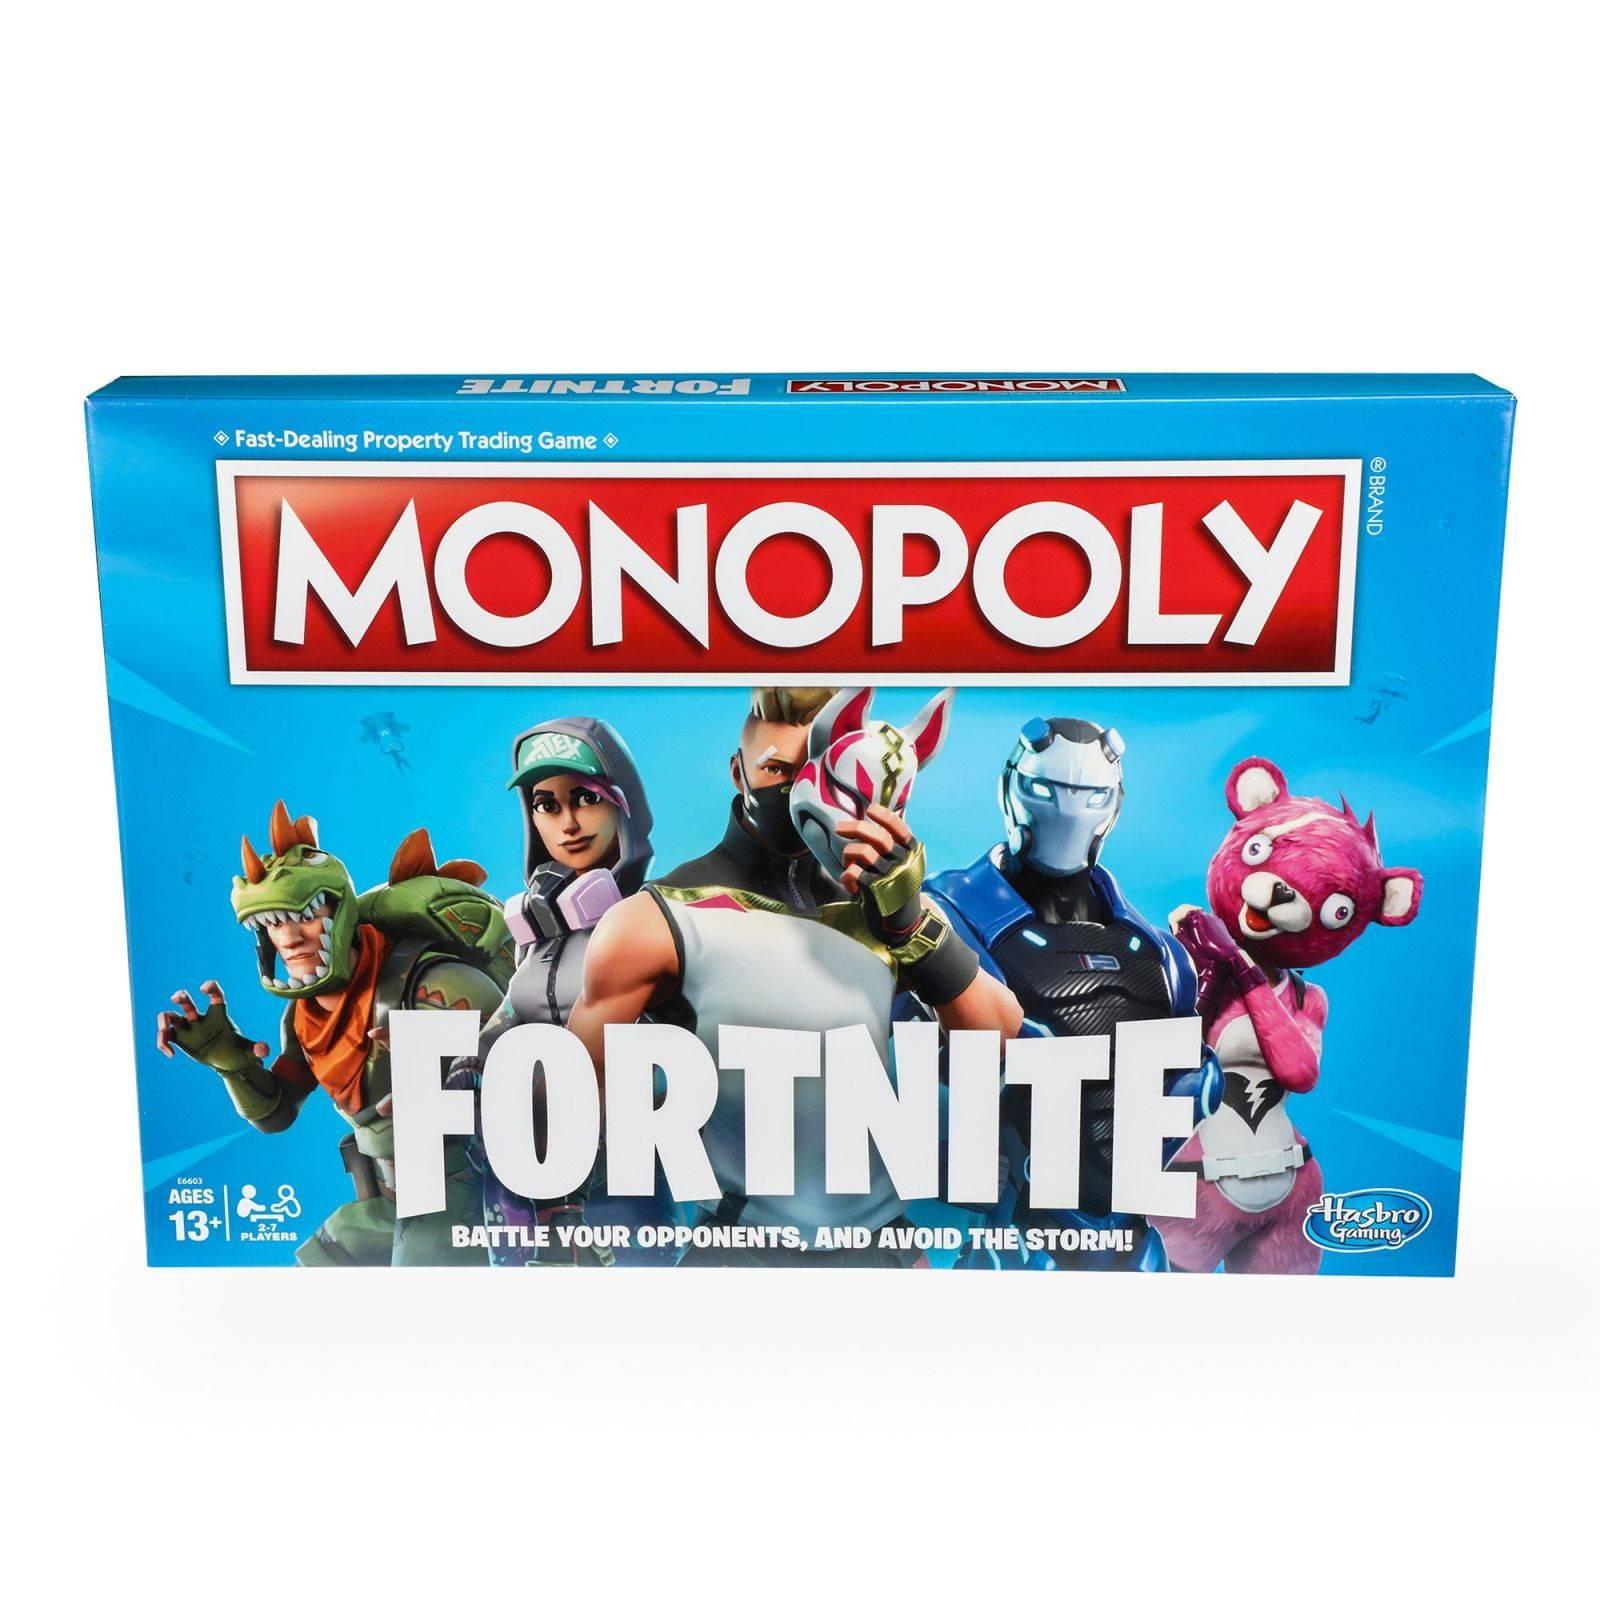 Fortnite Tendra Su Version Exclusiva De Monopoly Hd Tecnologia